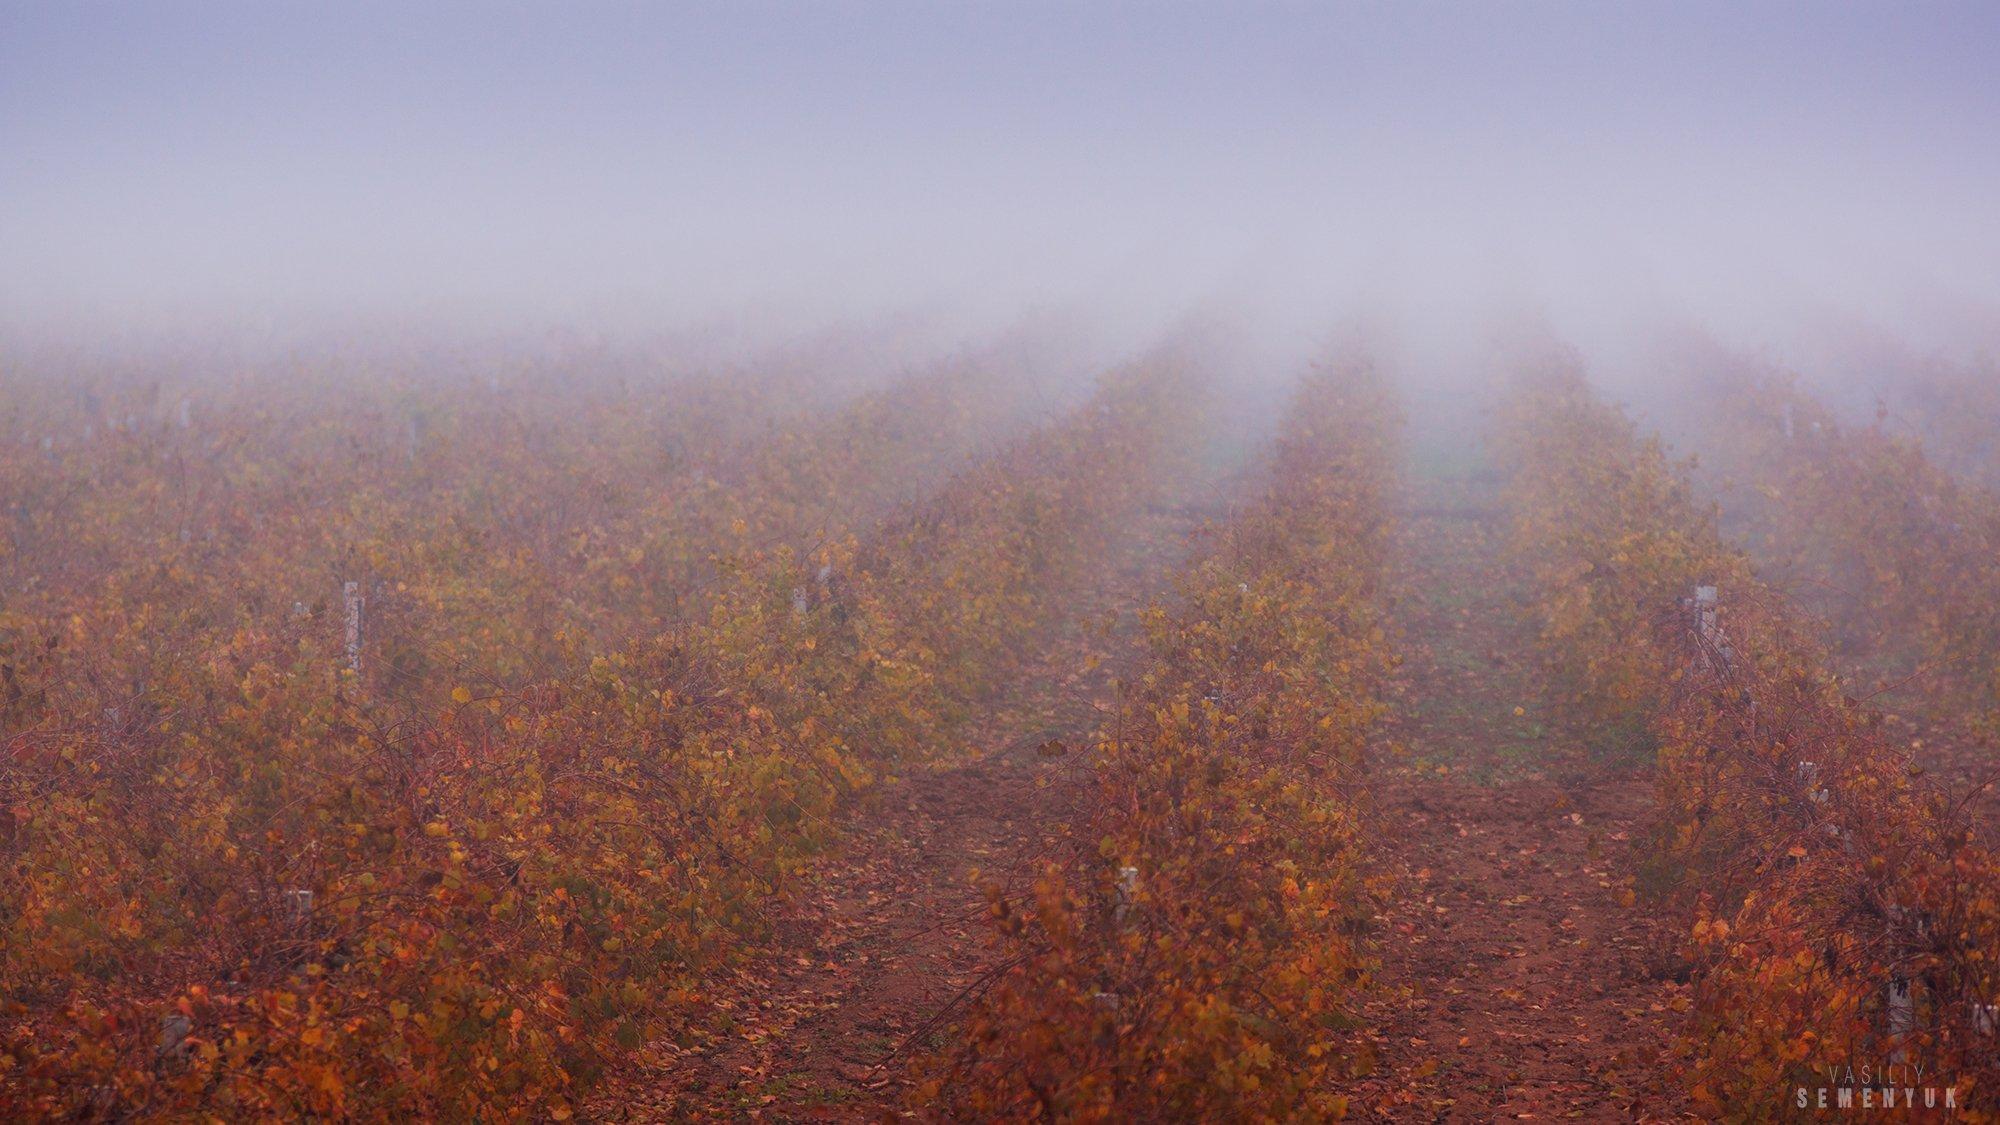 крым, осень, виноградник, туман, минимализм., Семенюк Василий